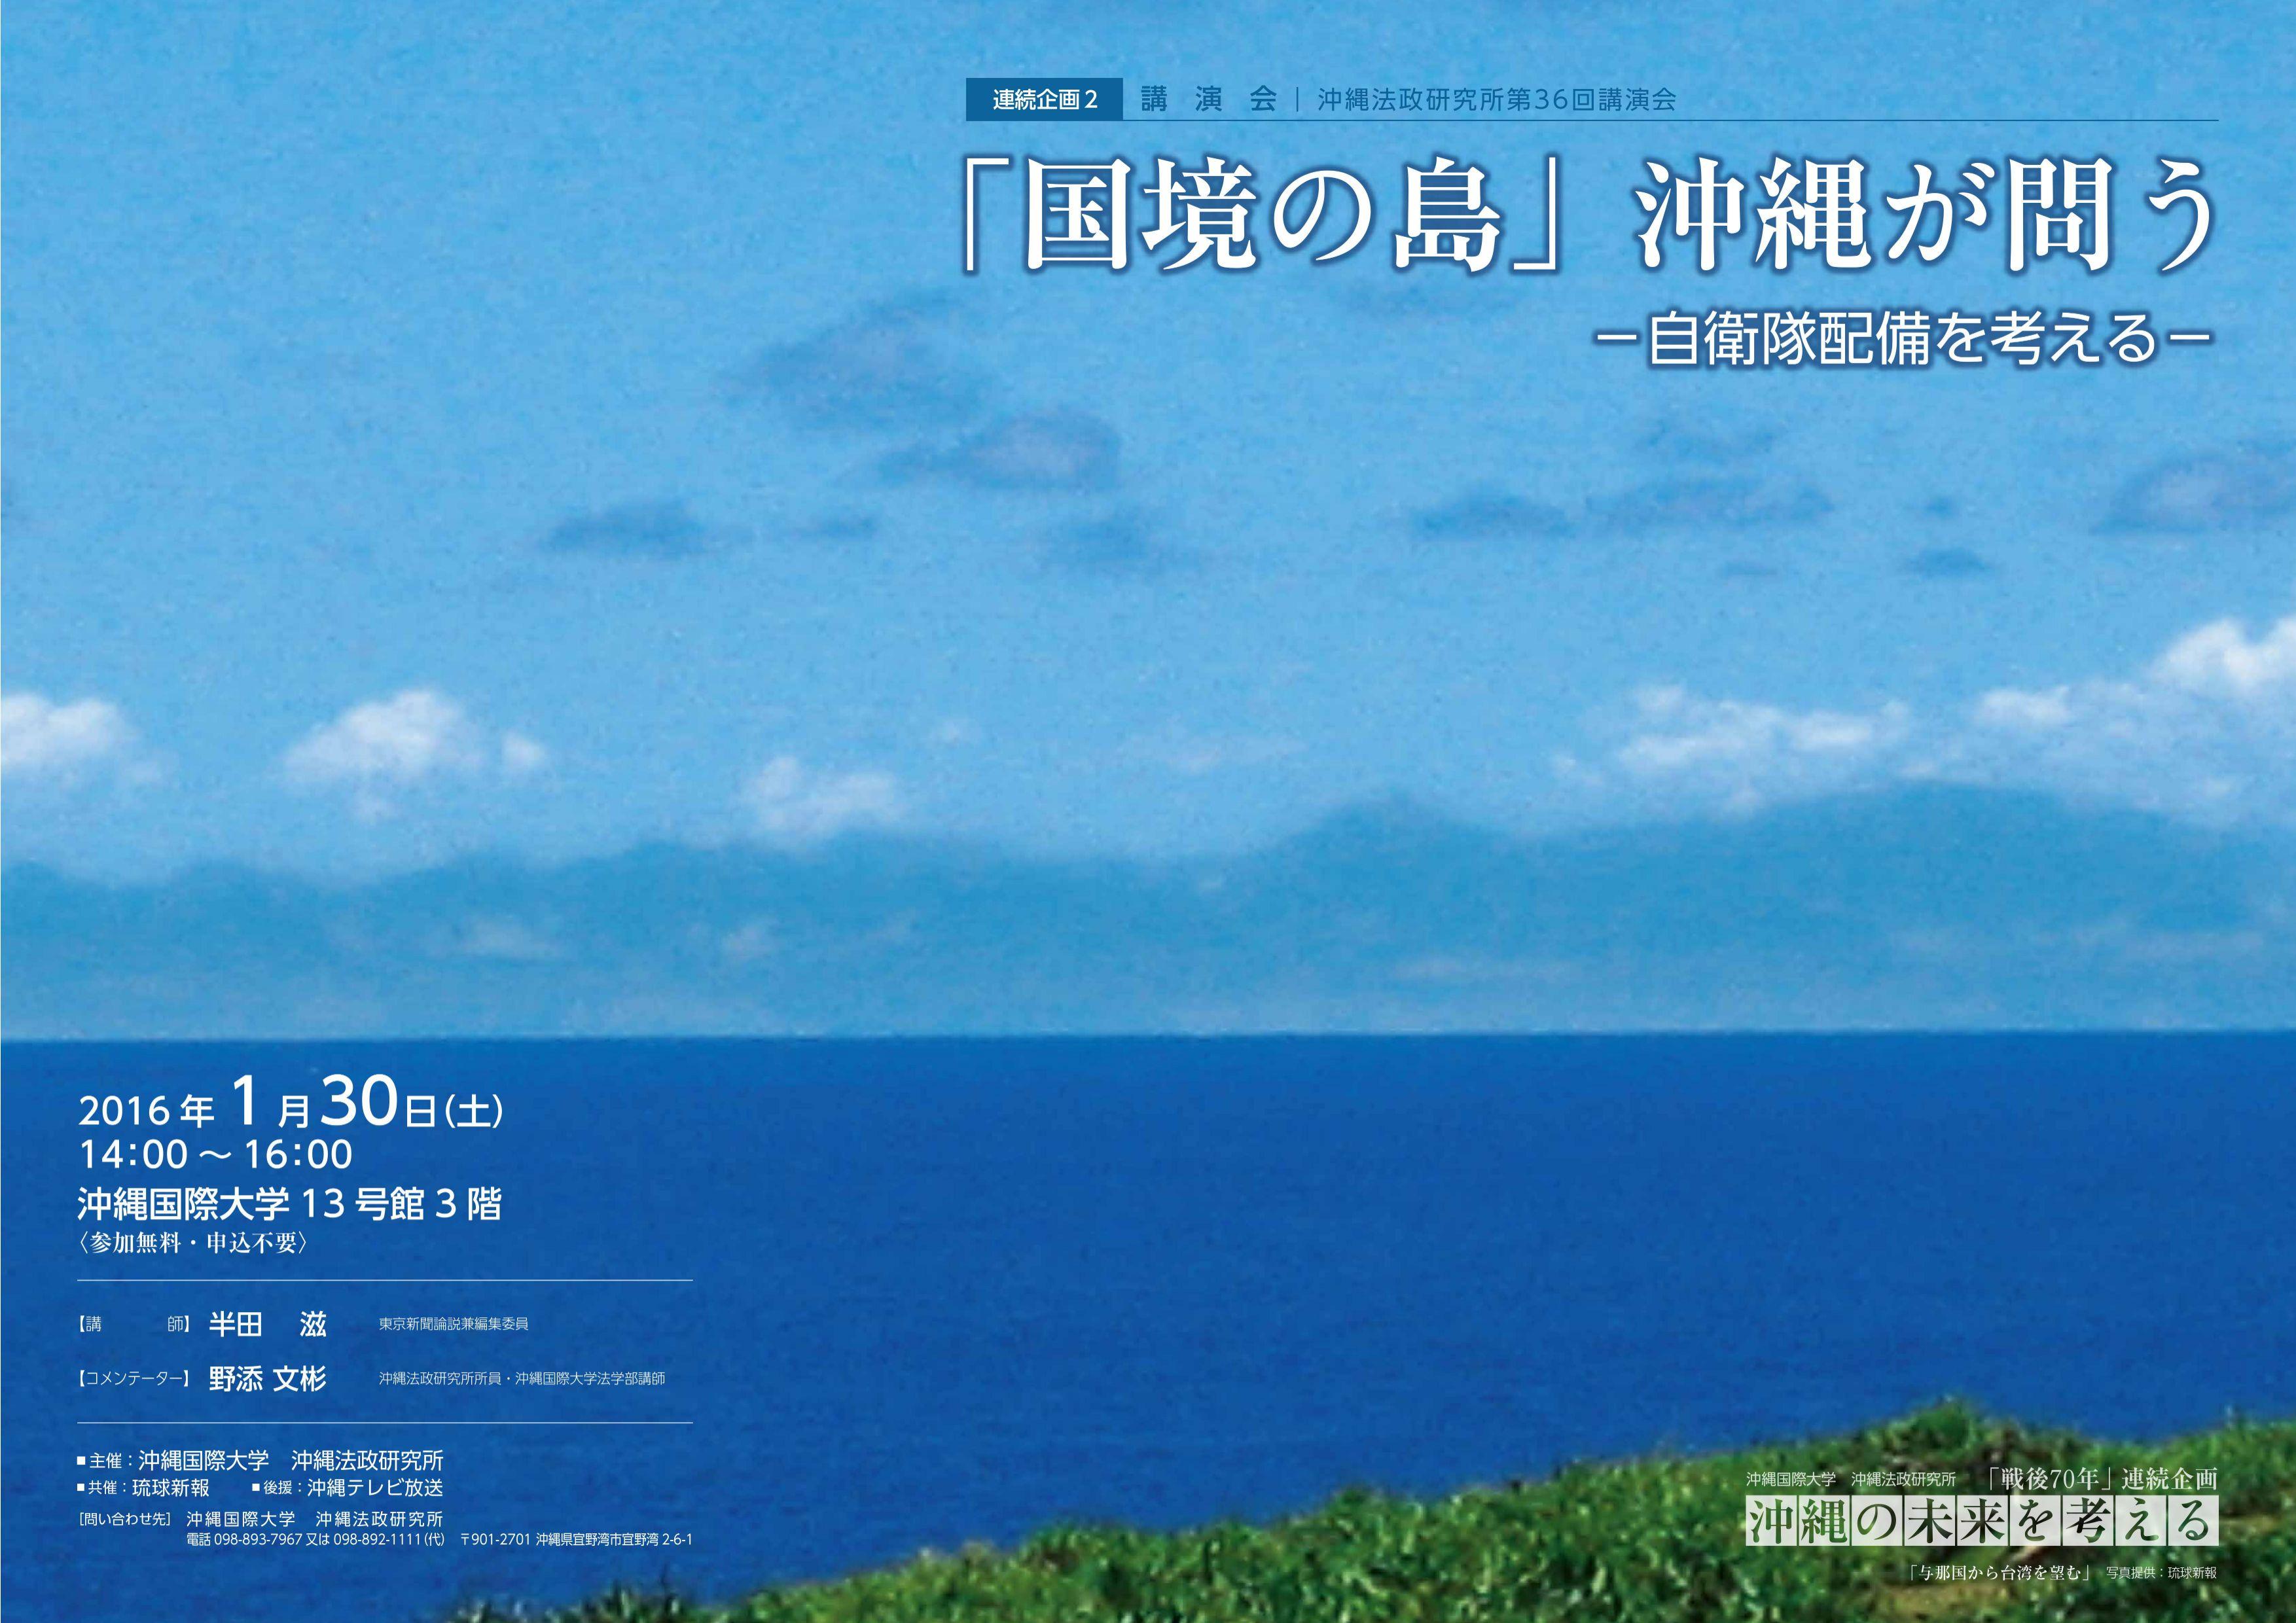 沖縄法政研究所第36回講演会 「国境の島」沖縄が問う -自衛隊配備を考える